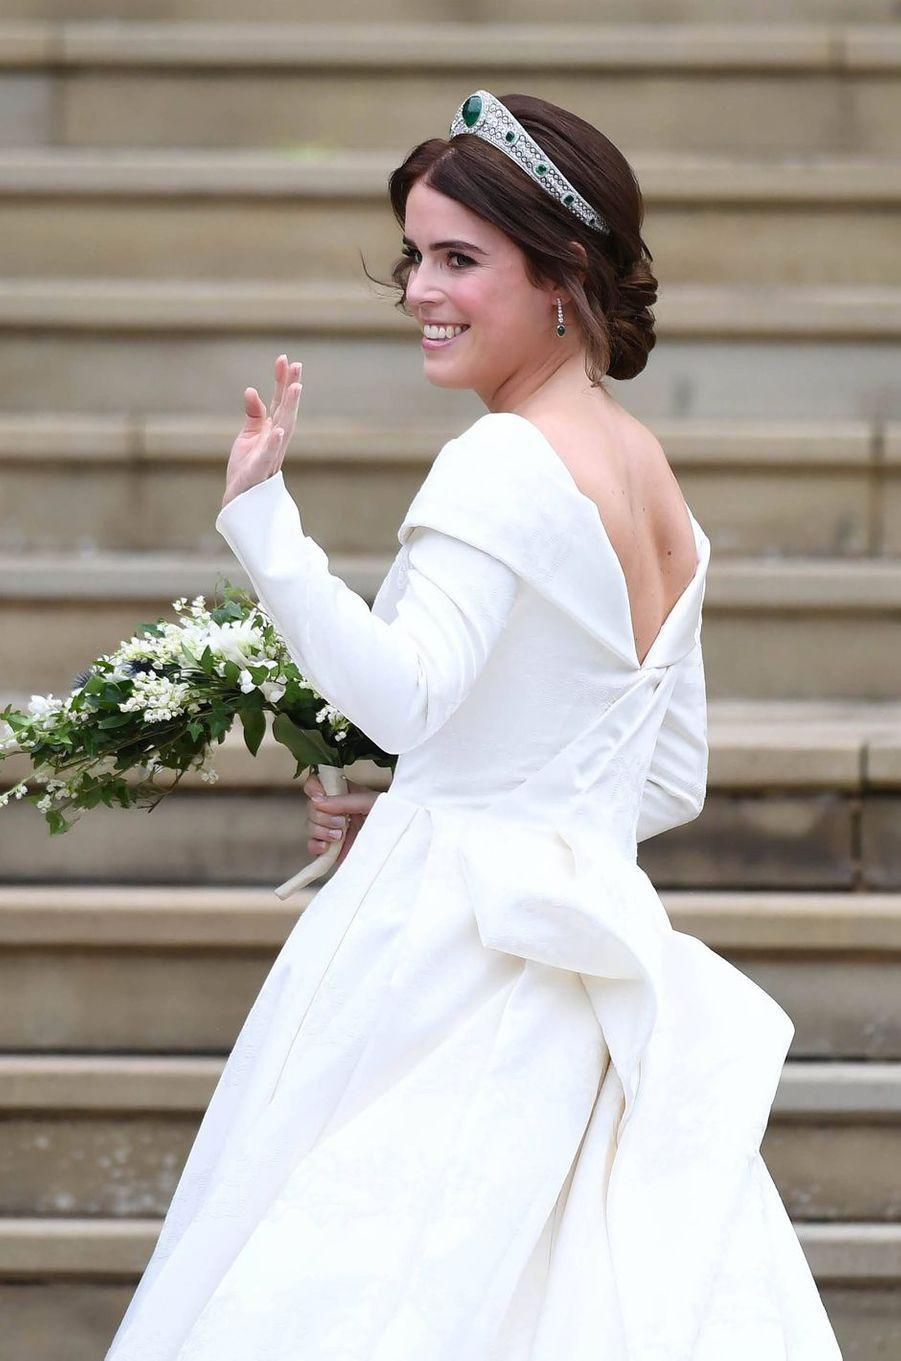 La princesse Eugenie d'York, le jour de son mariage, le 12 octobre 2018